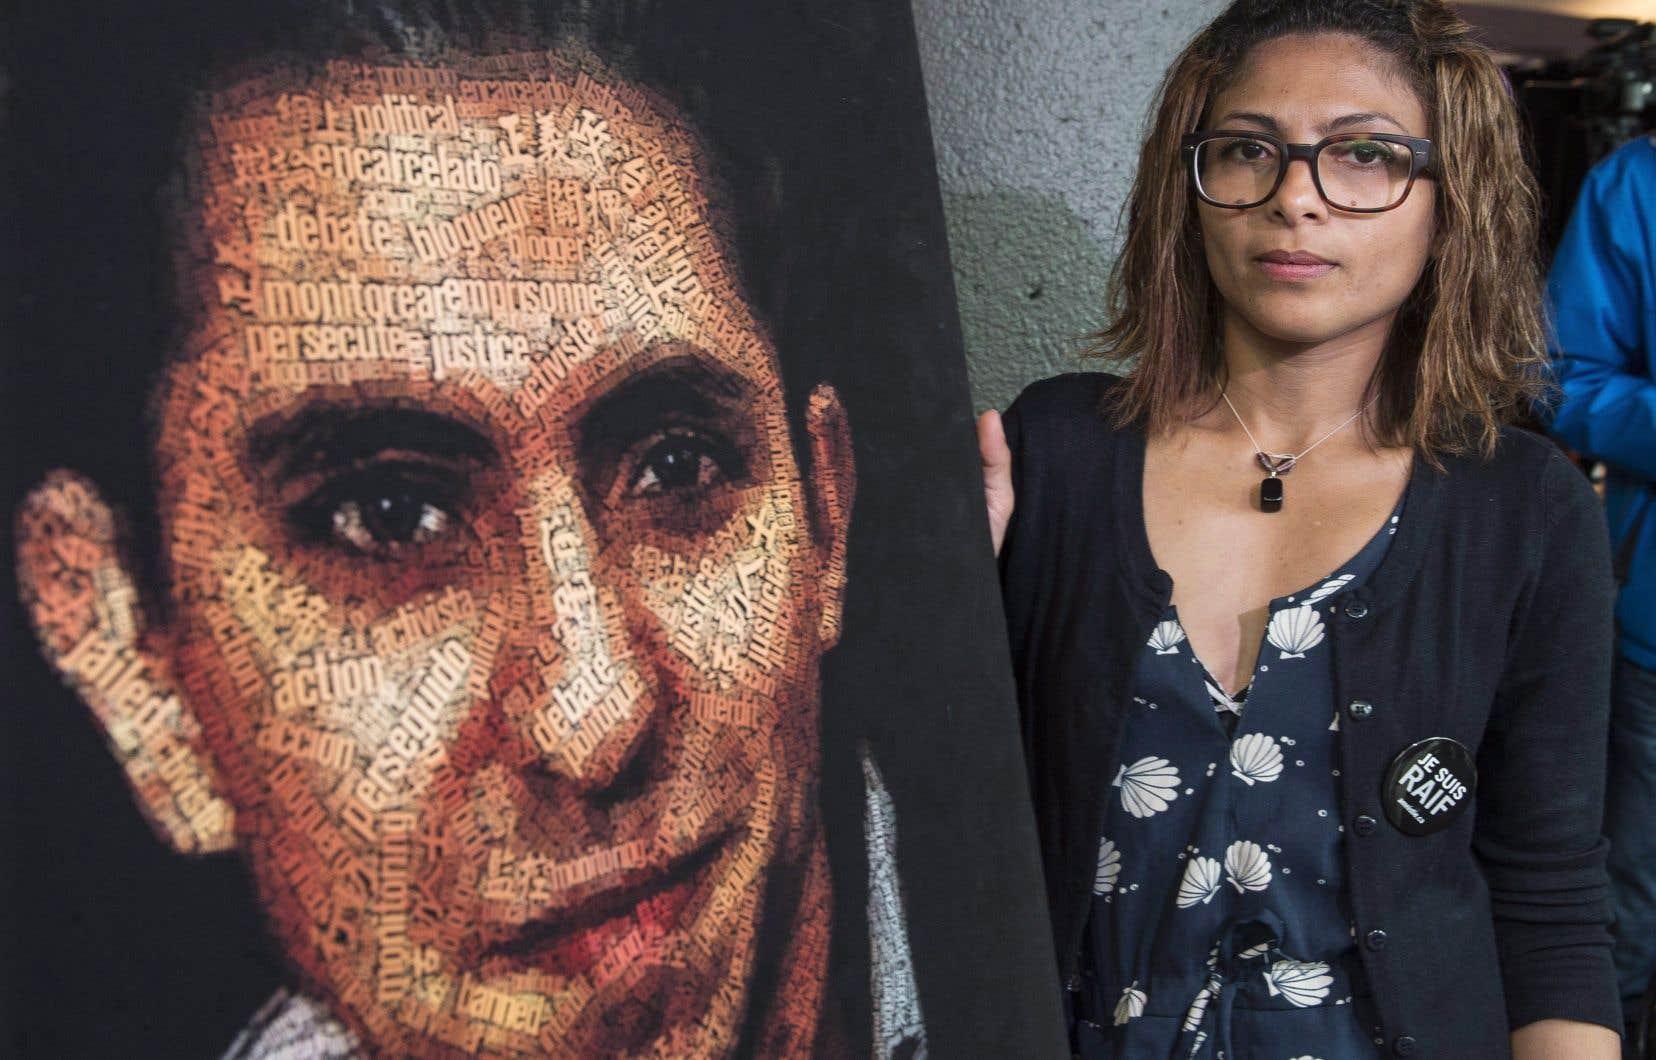 Ensaf Haidar, l'épouse de Raif Badawi, affirme que son mari a été visé par une tentative de meurtre à la prison où il est incarcéré depuis huit ans.